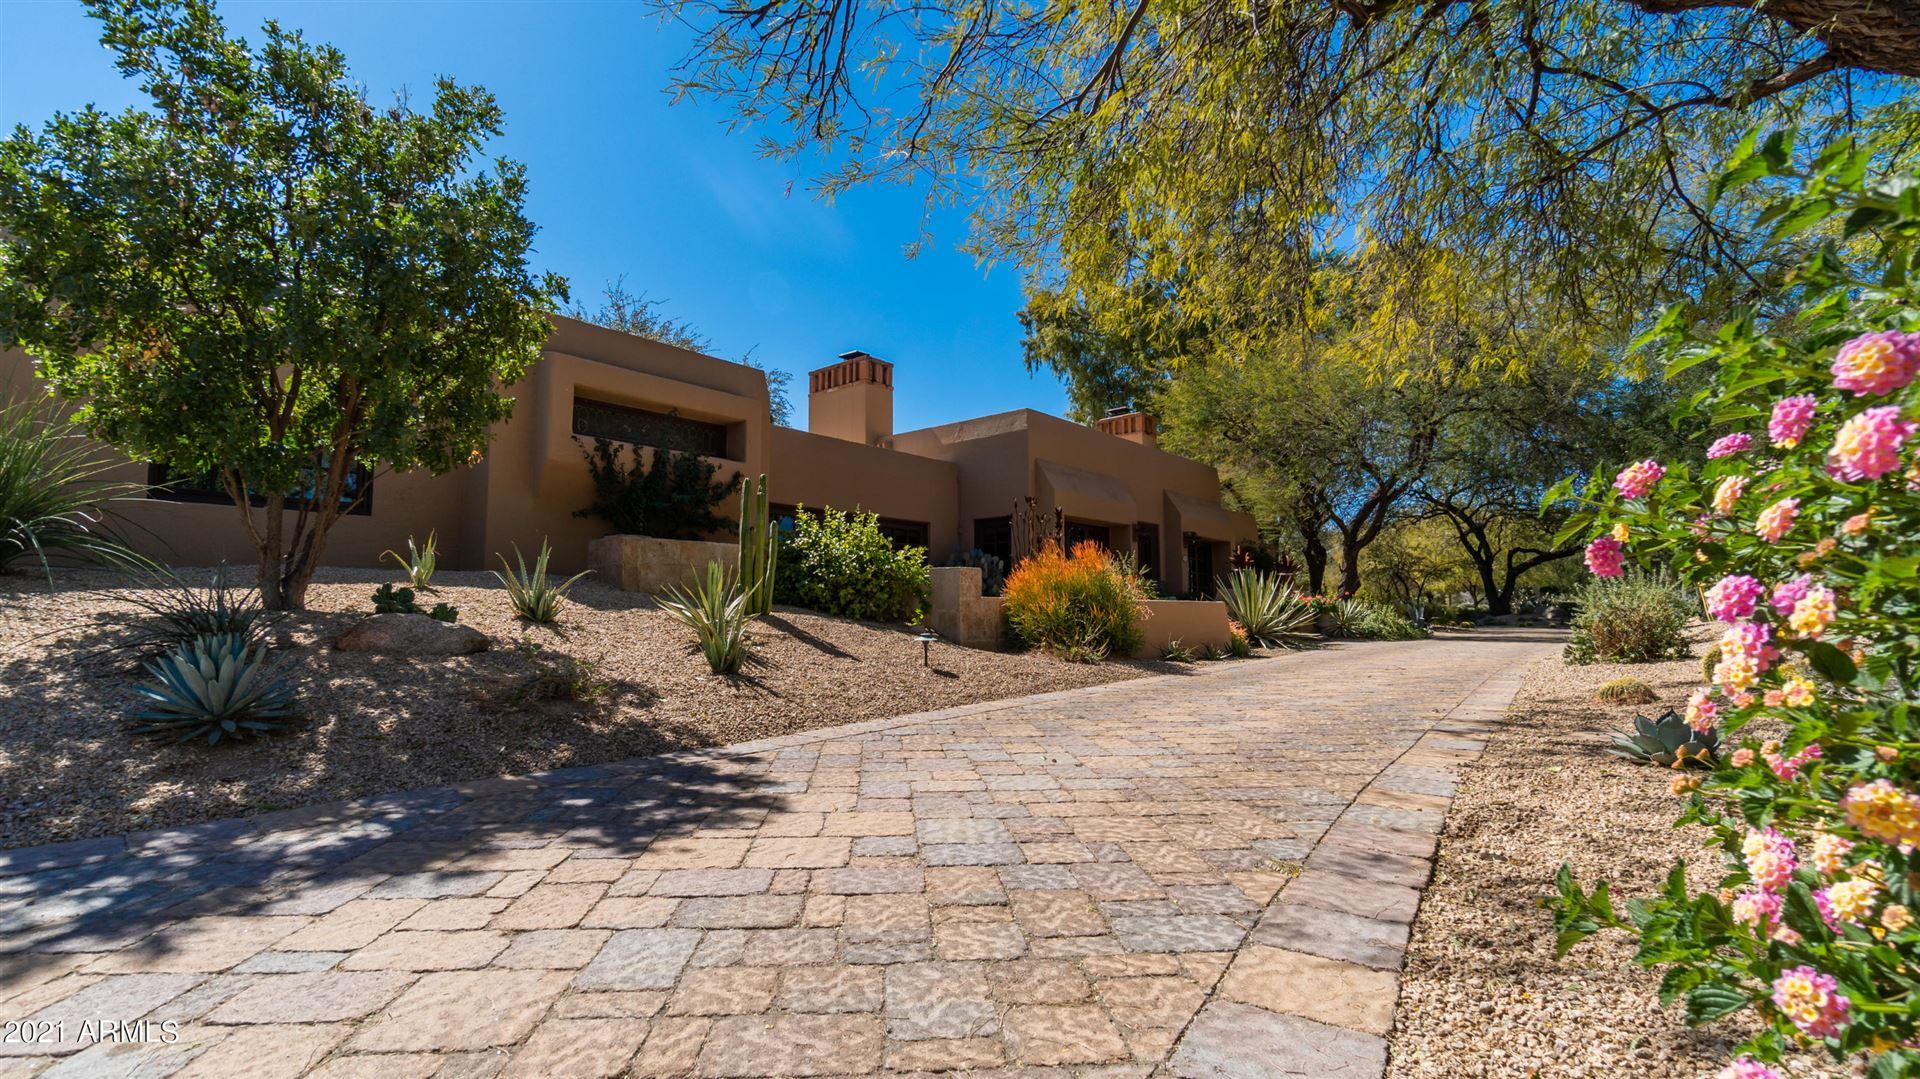 8324 N GOLF Drive, Paradise Valley, AZ 85253 - MLS#: 6213739